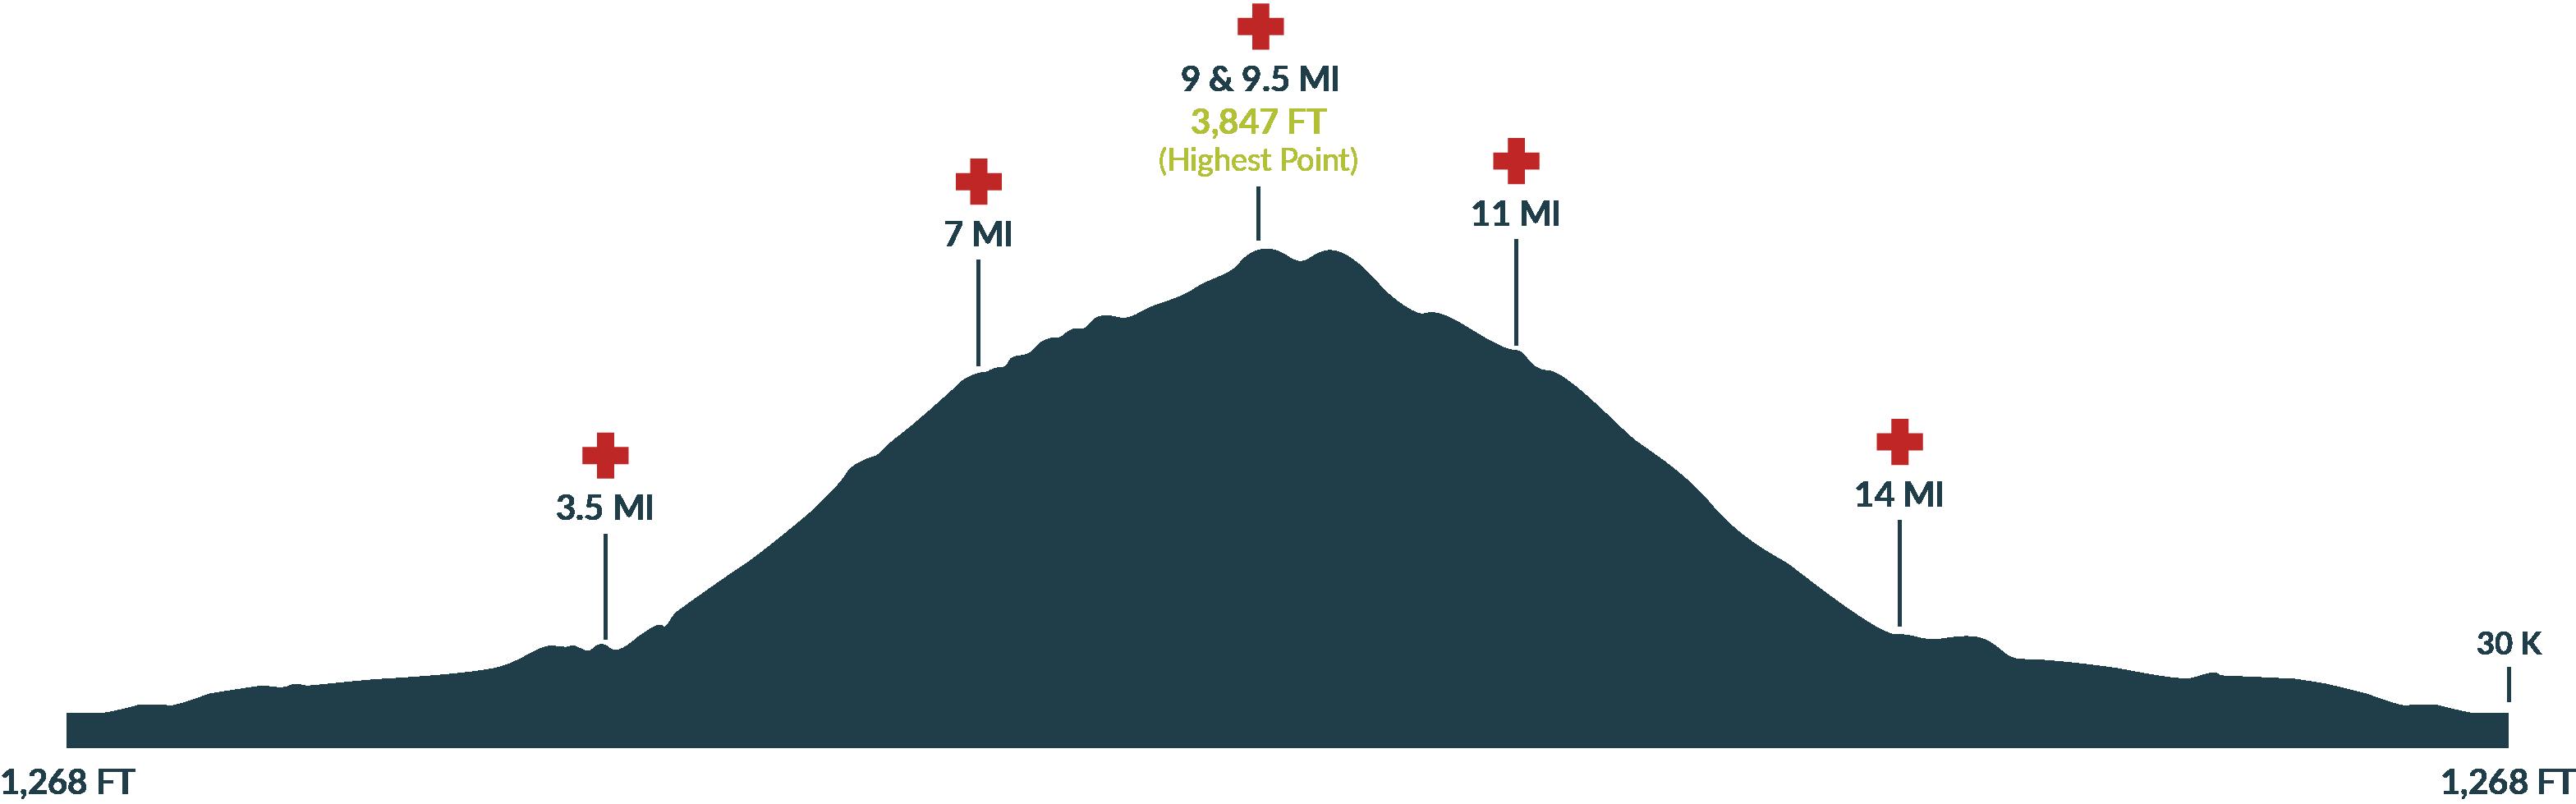 Oakridge Triple Summit Challenge Dead Mountain Race Profile 2020